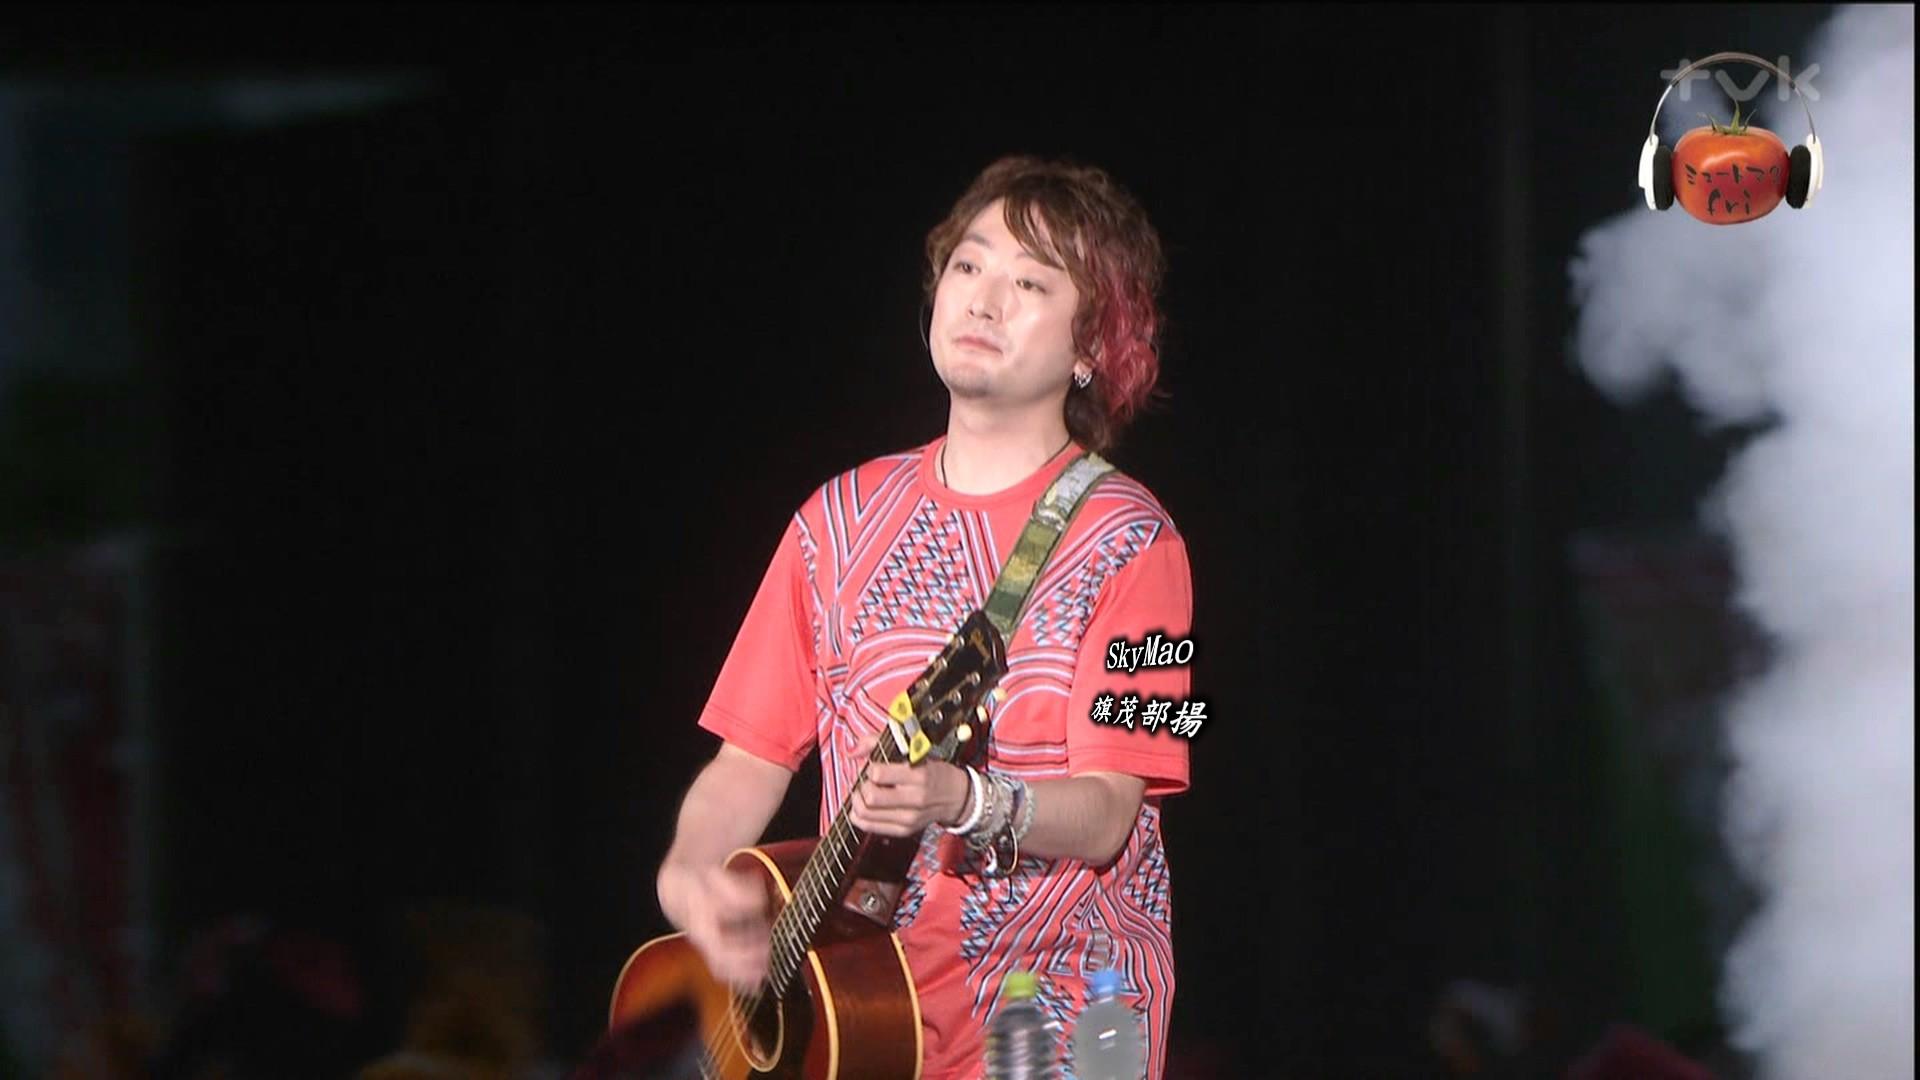 2017.04.07 全場(ミュートマ2).ts_20170408_011607.297